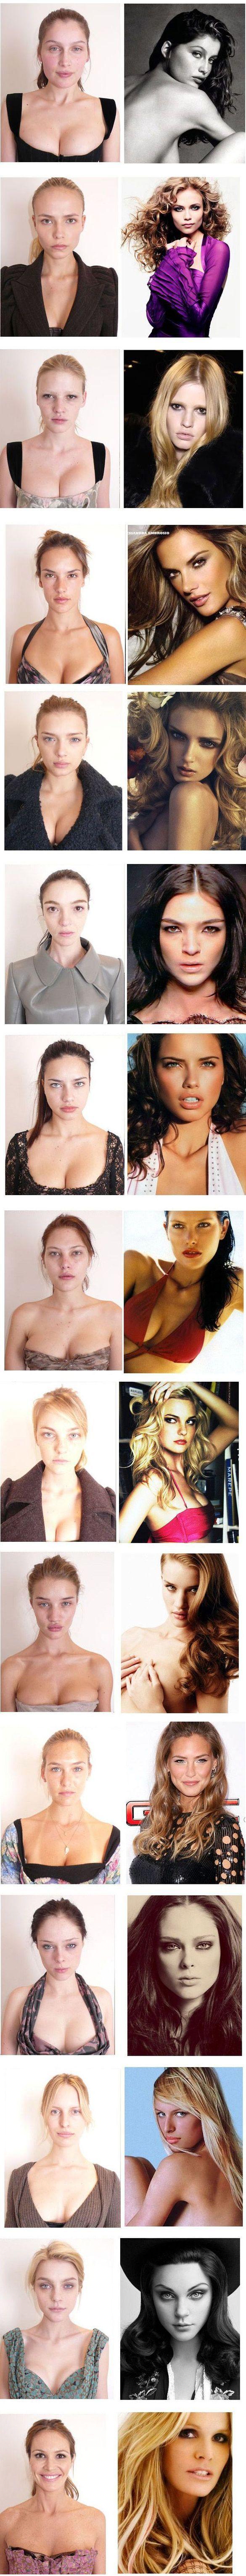 Sehr interessant, dass die Bilder links nur aus Brüste bestehen!!!